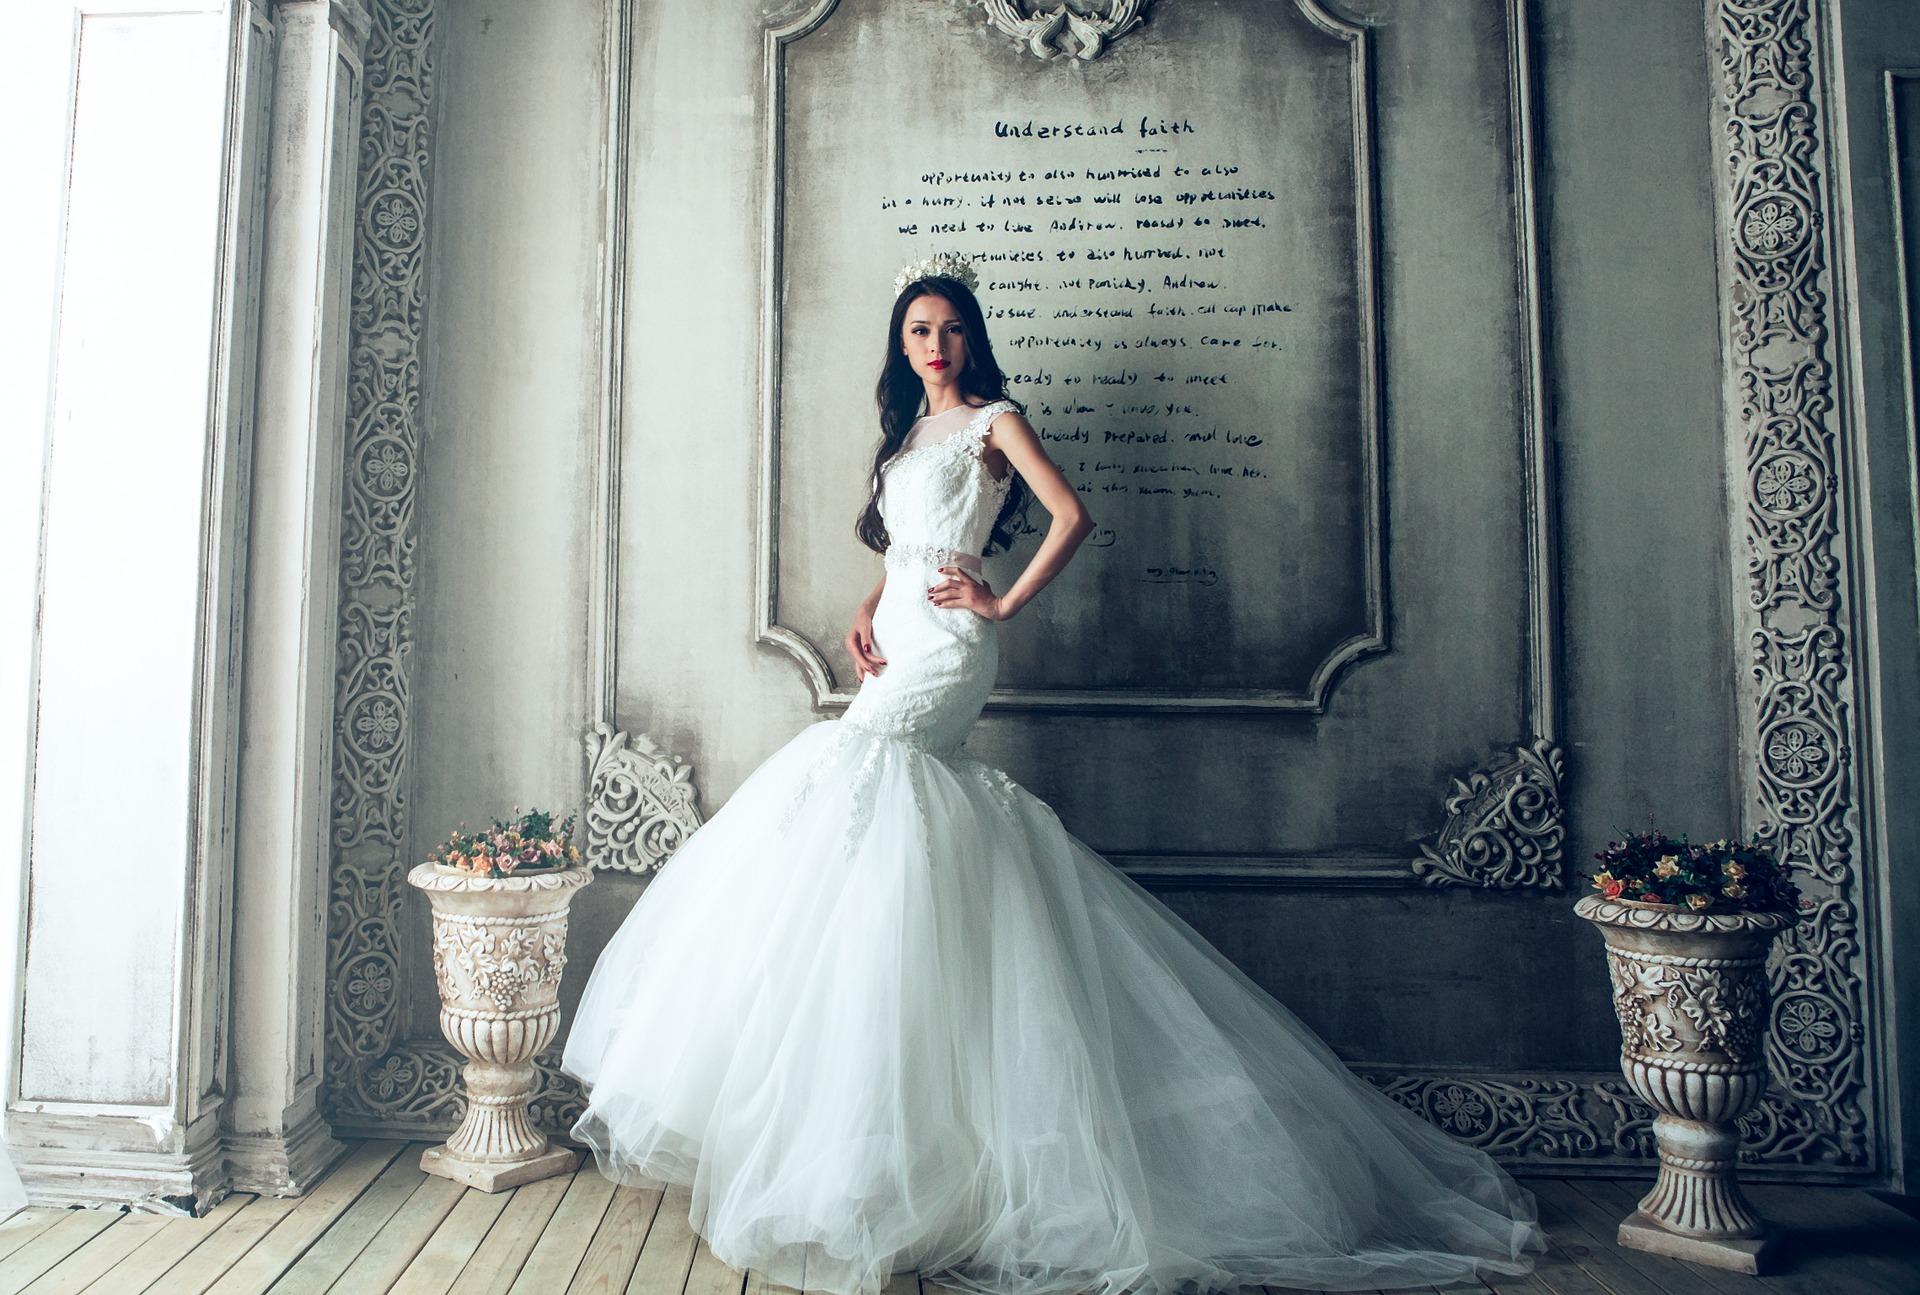 Warum sind Hochzeitskleider weiß? - Die Floristen - Ihr Partner für ...